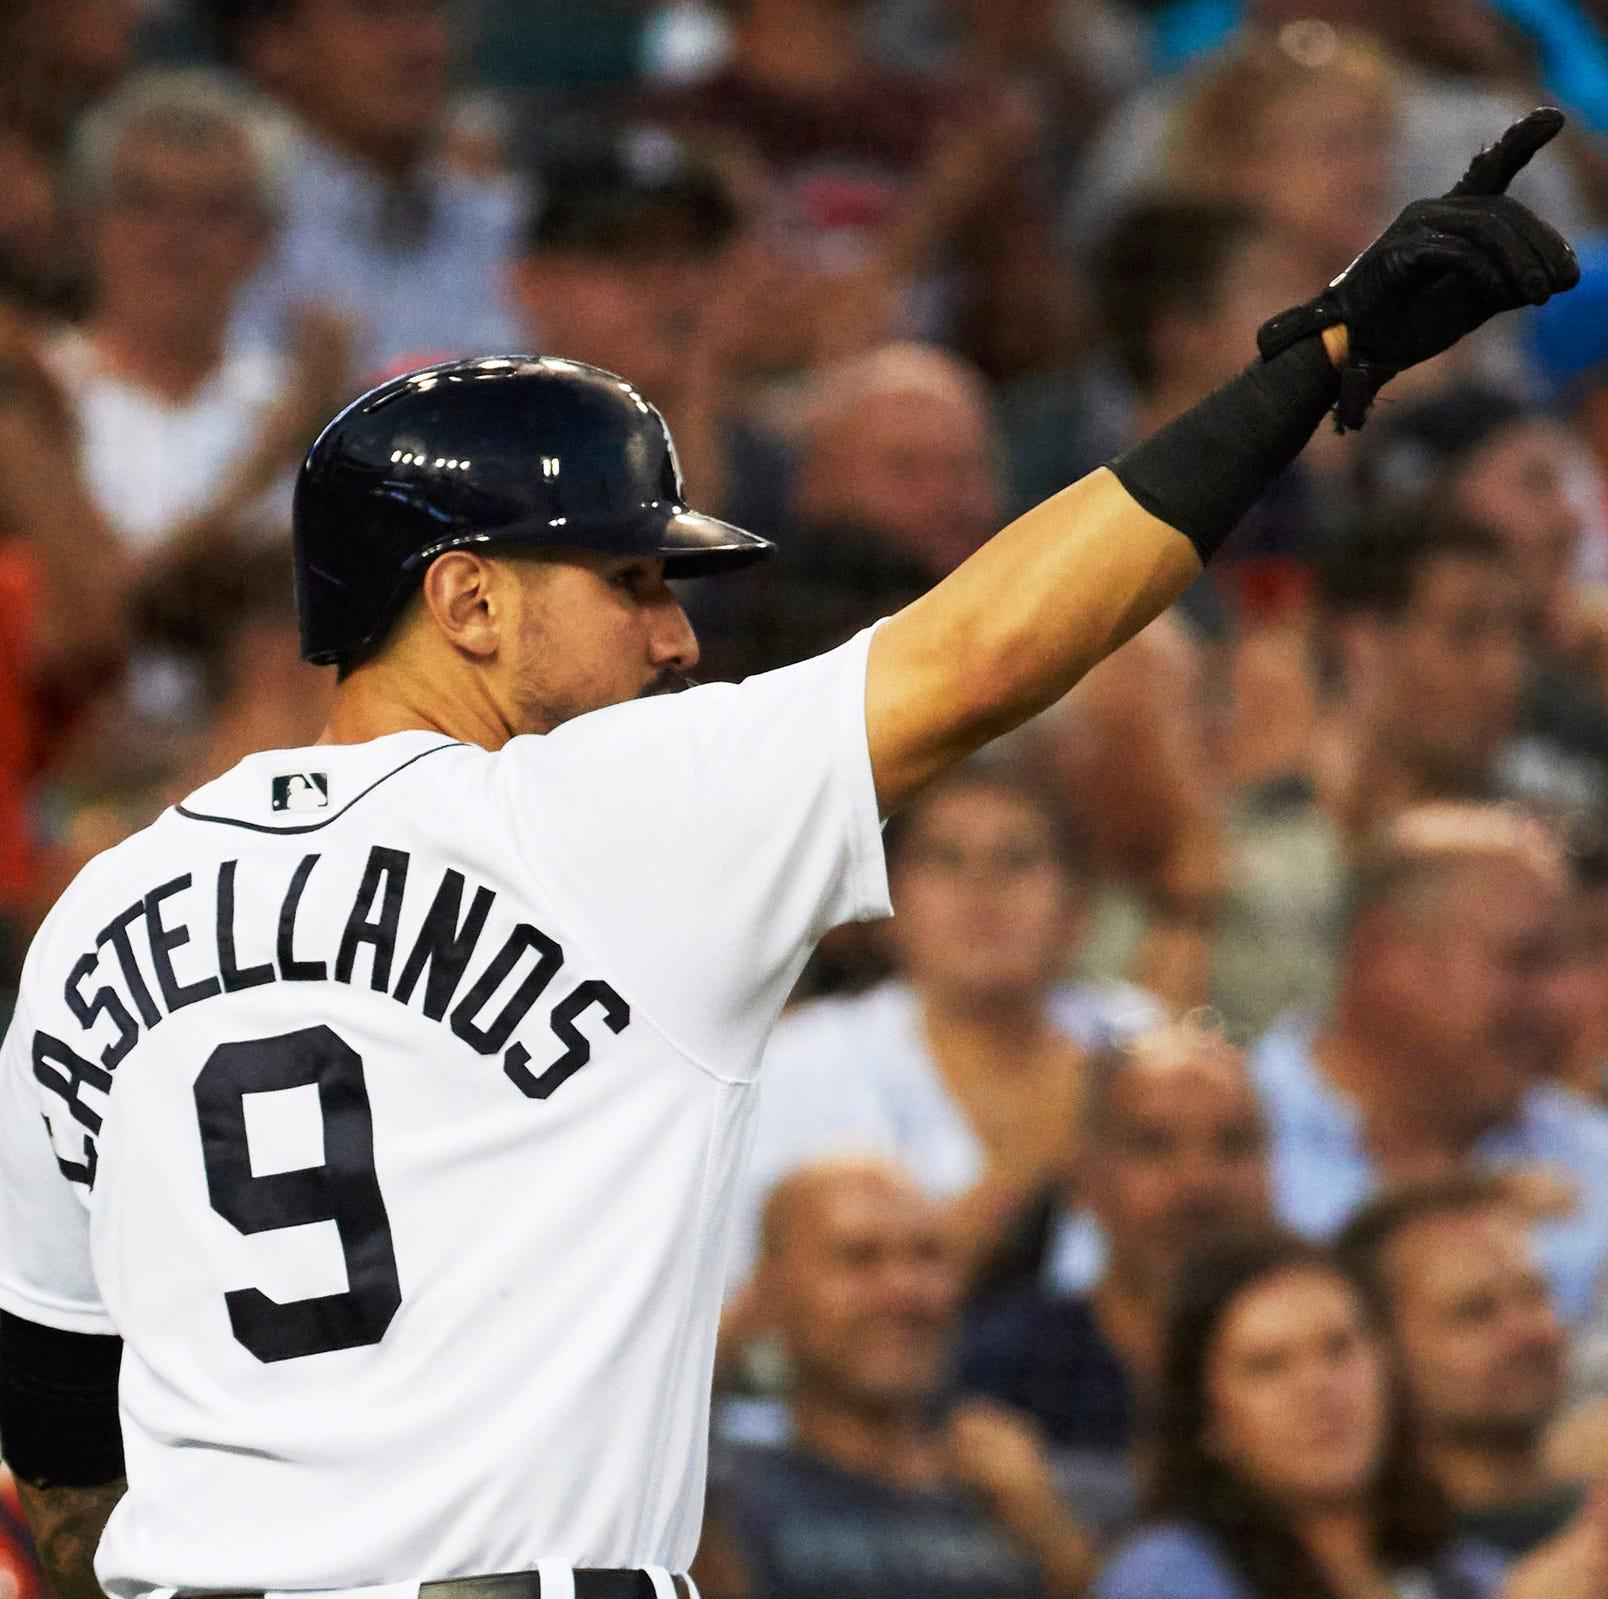 Nicholas Castellanos (5 hits, RBIs), Detroit Tigers top White Sox, 9-5